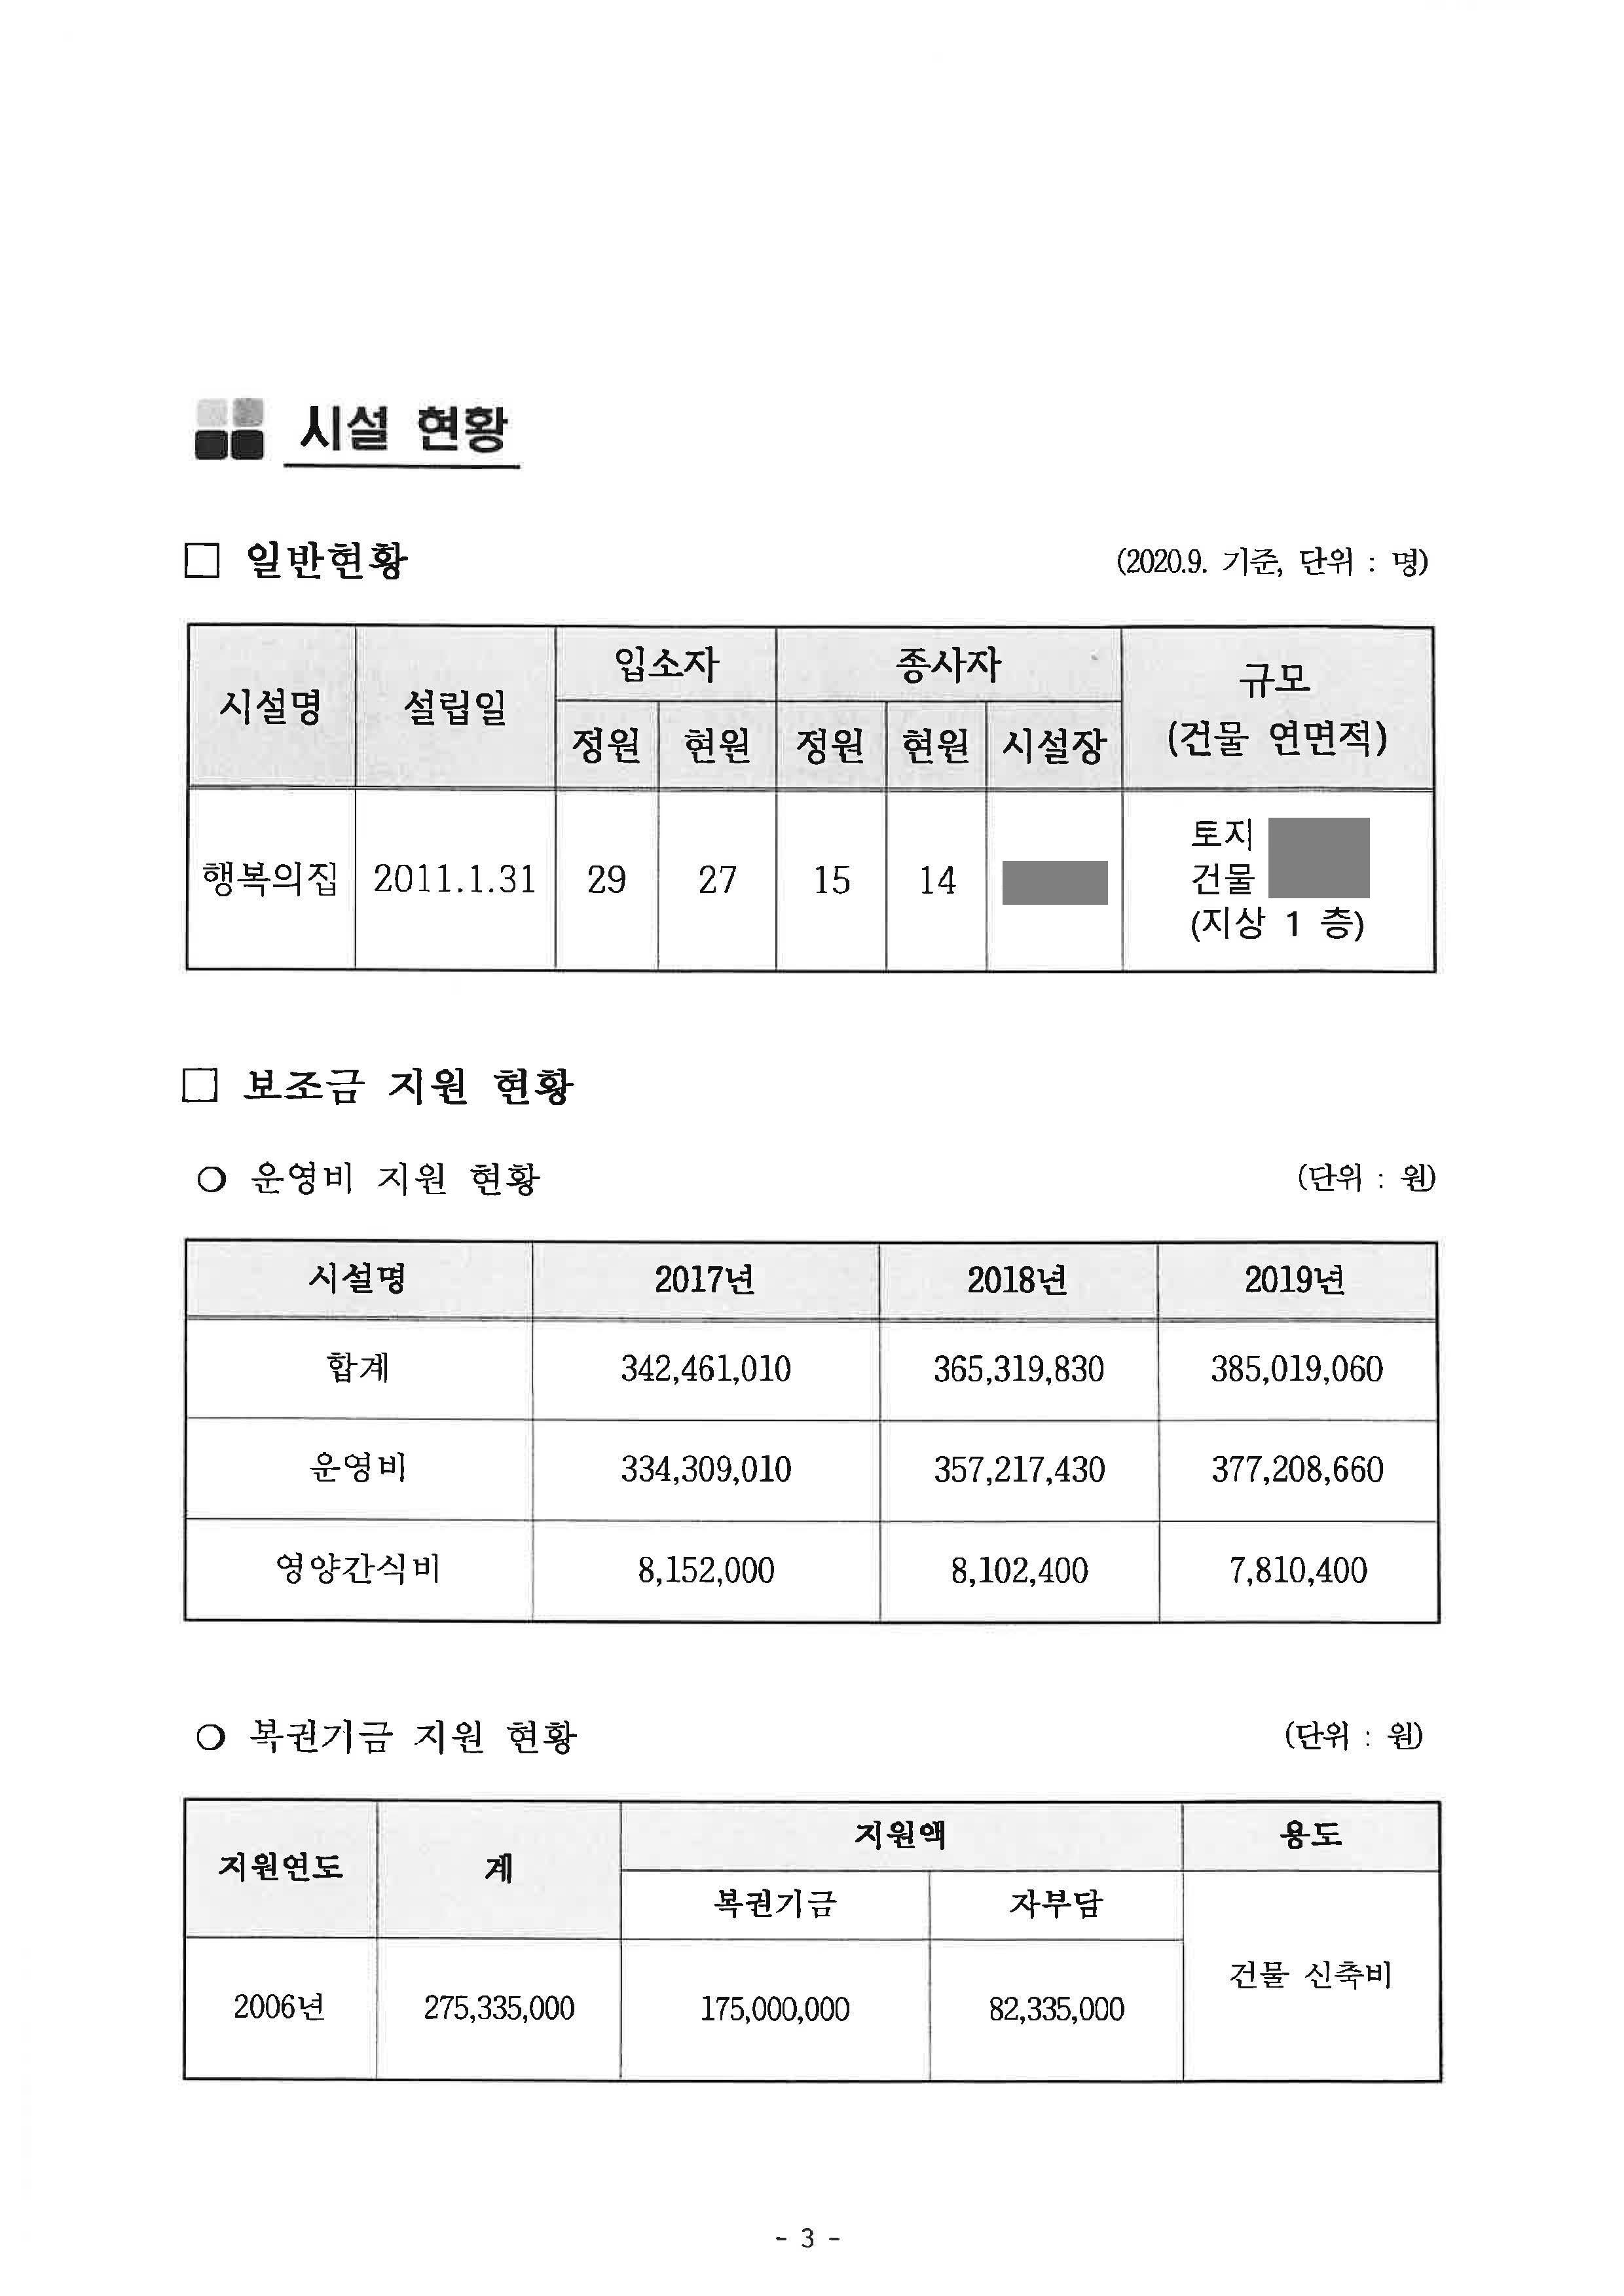 정읍시 노인장애인과-36698(2020.11.2)호_장애인거주시설(행복의집)특별조사 결과 보고_페이지_3.jpg